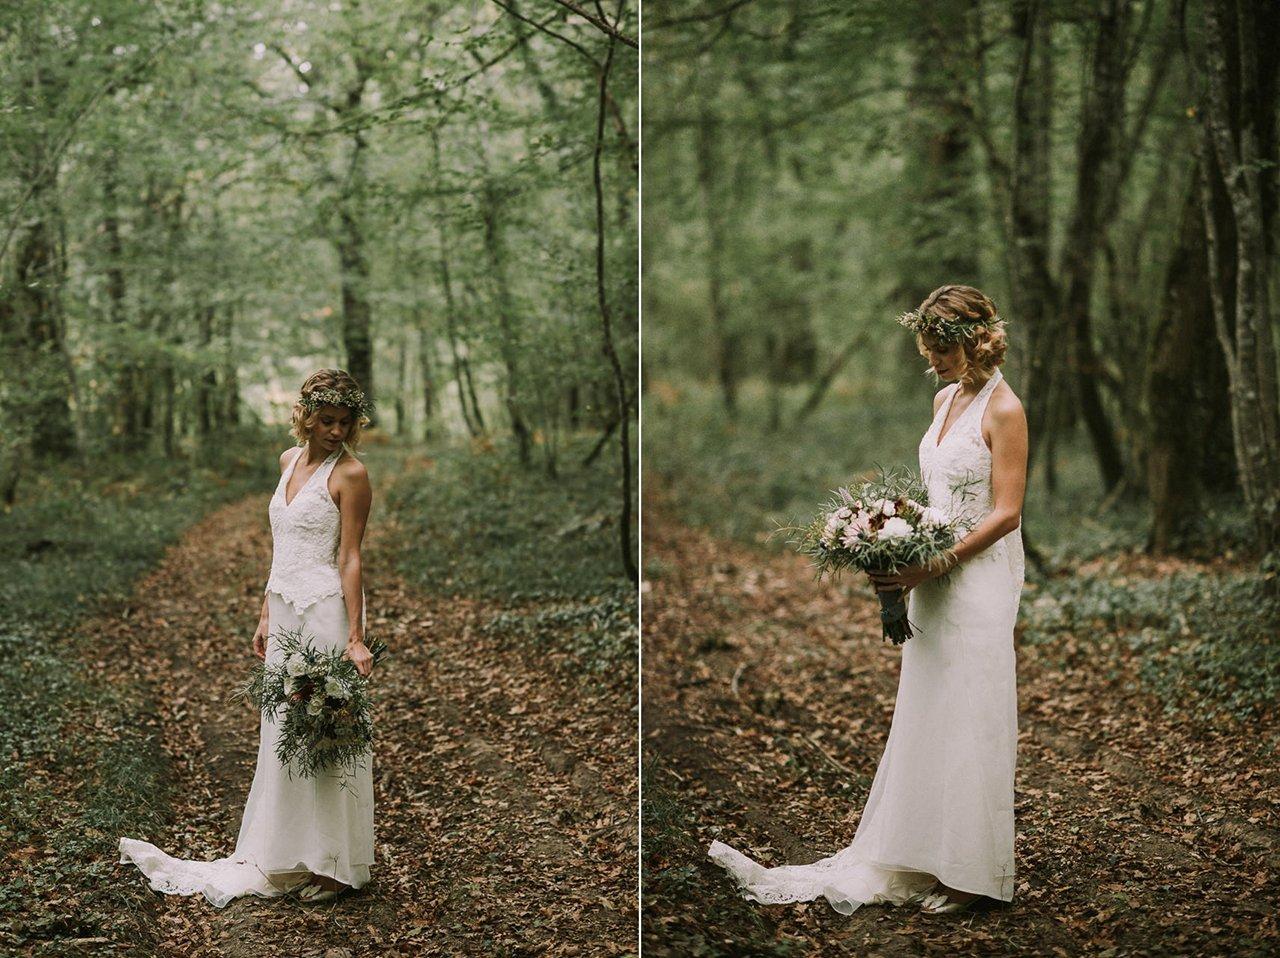 Inspiración para vestidos de novia y ramos de novia